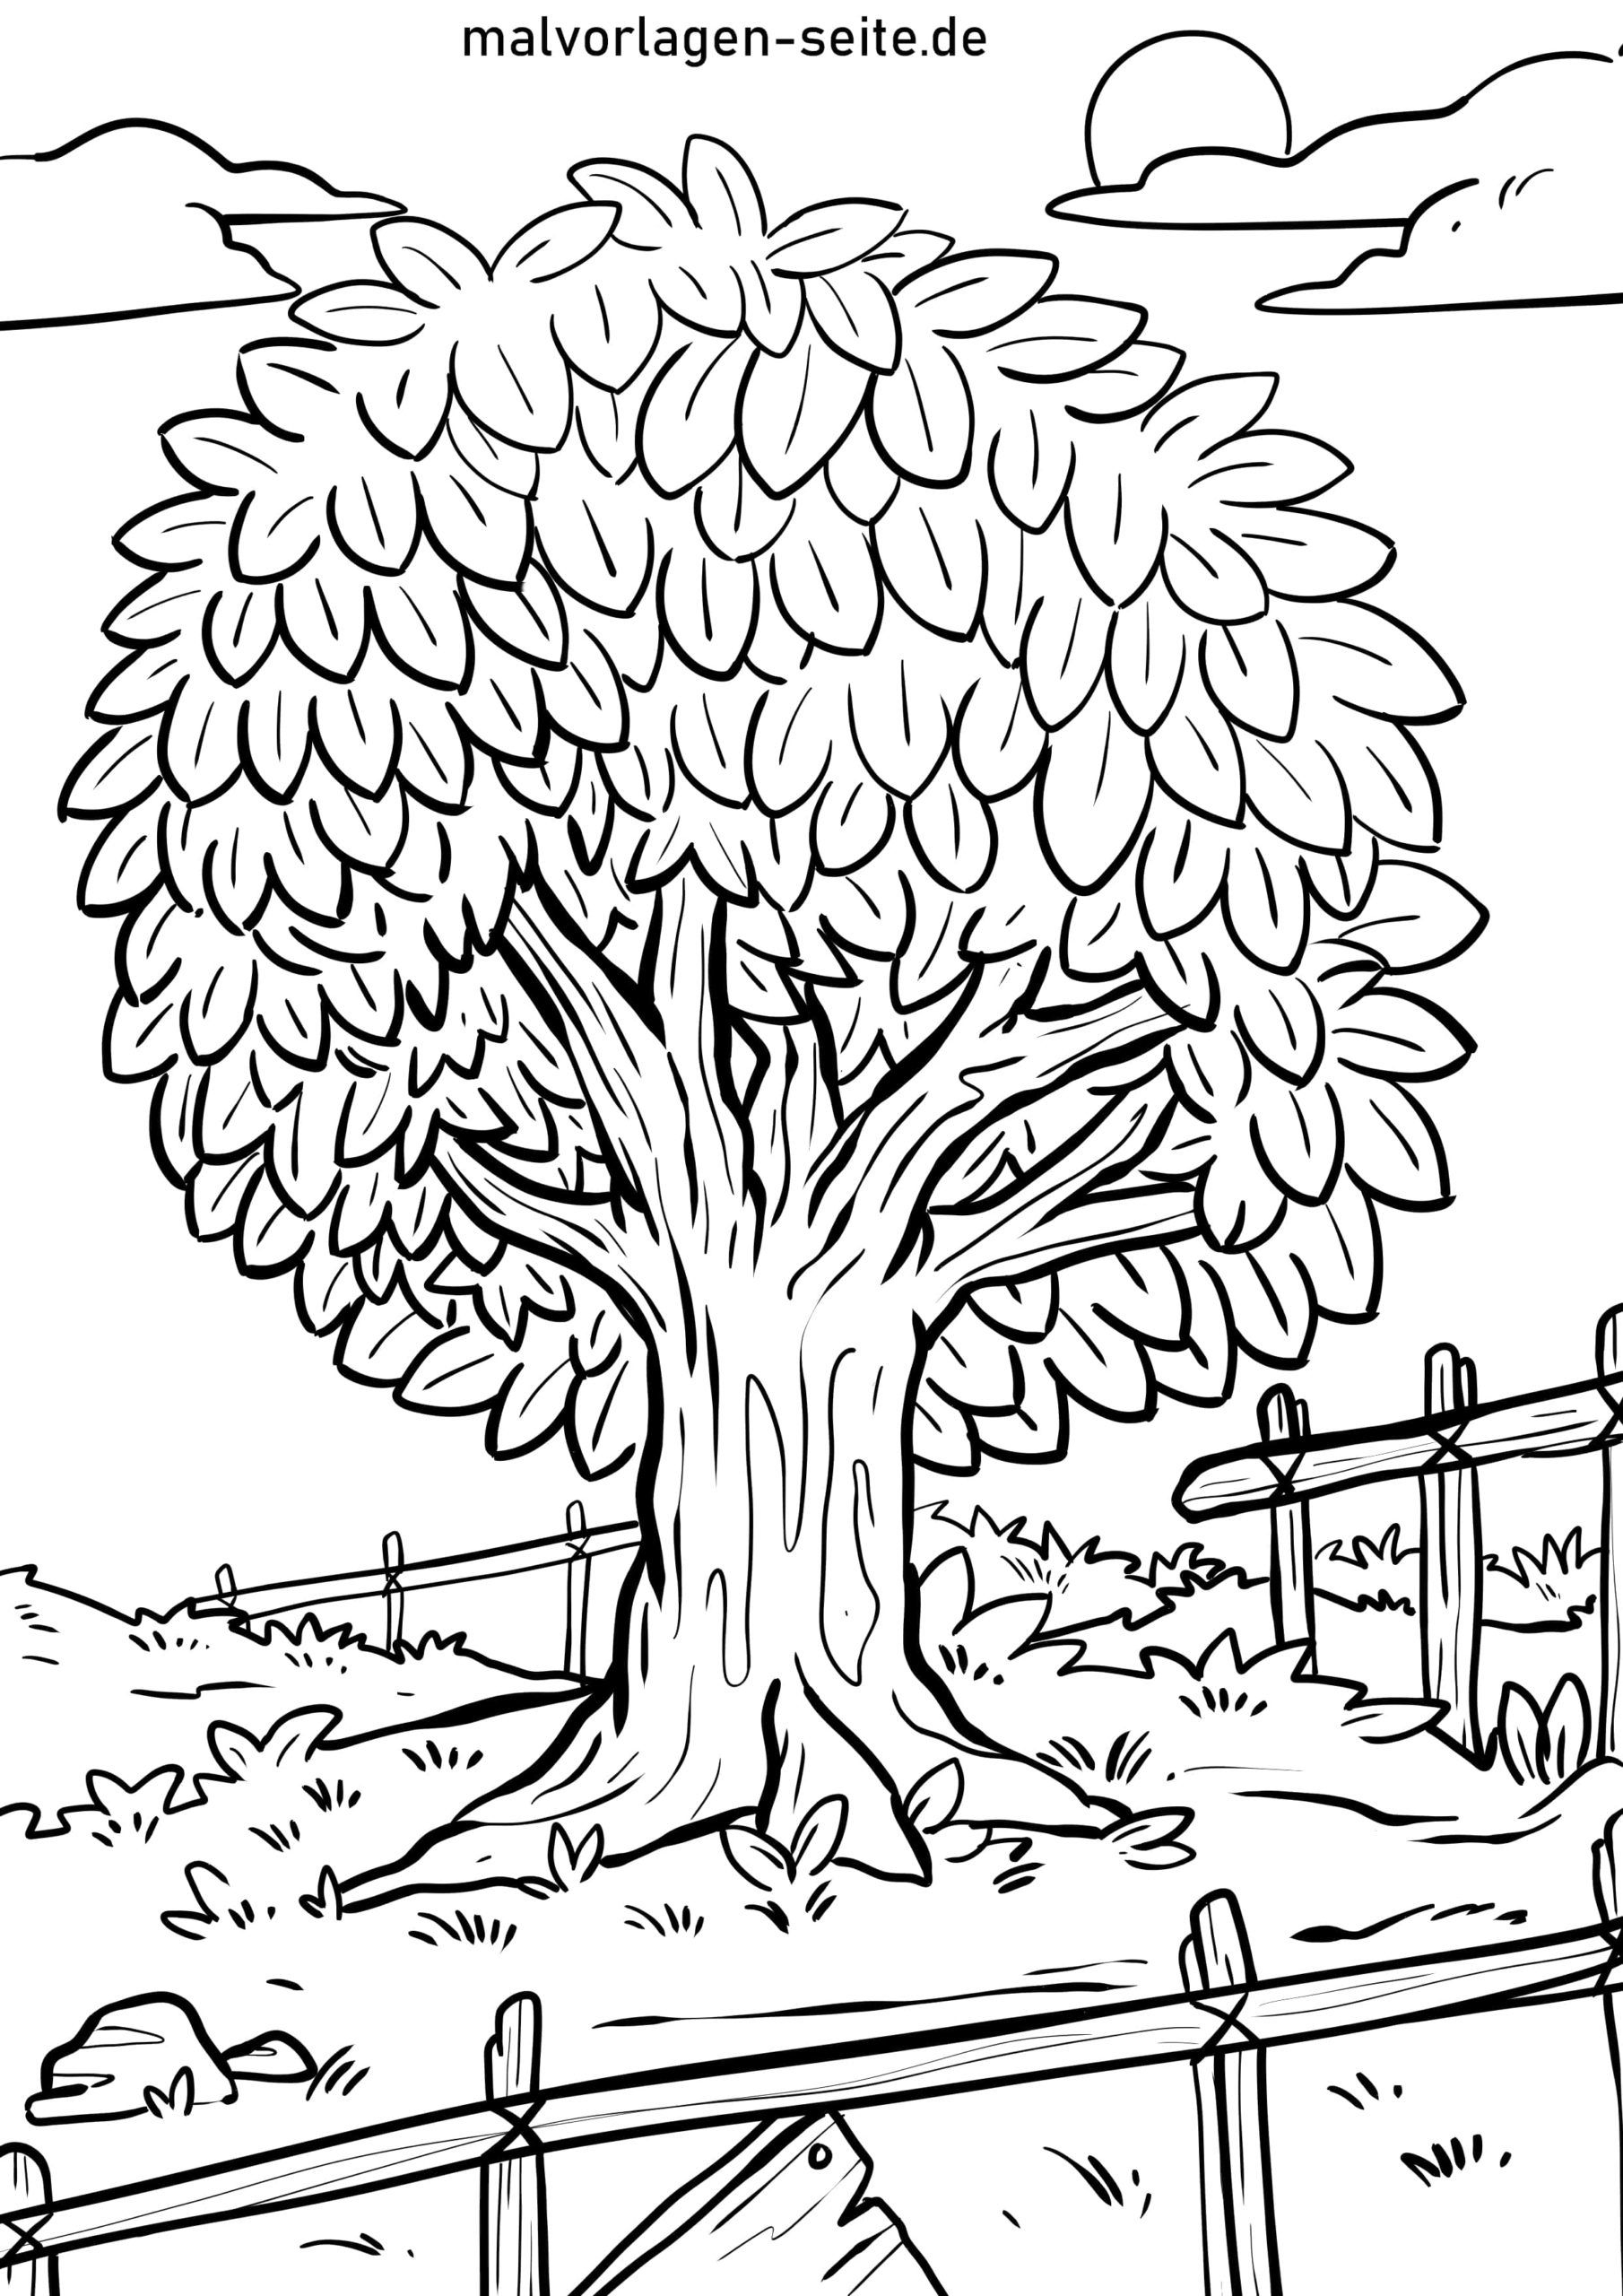 malvorlage baum - kinderbilder.download | kinderbilder